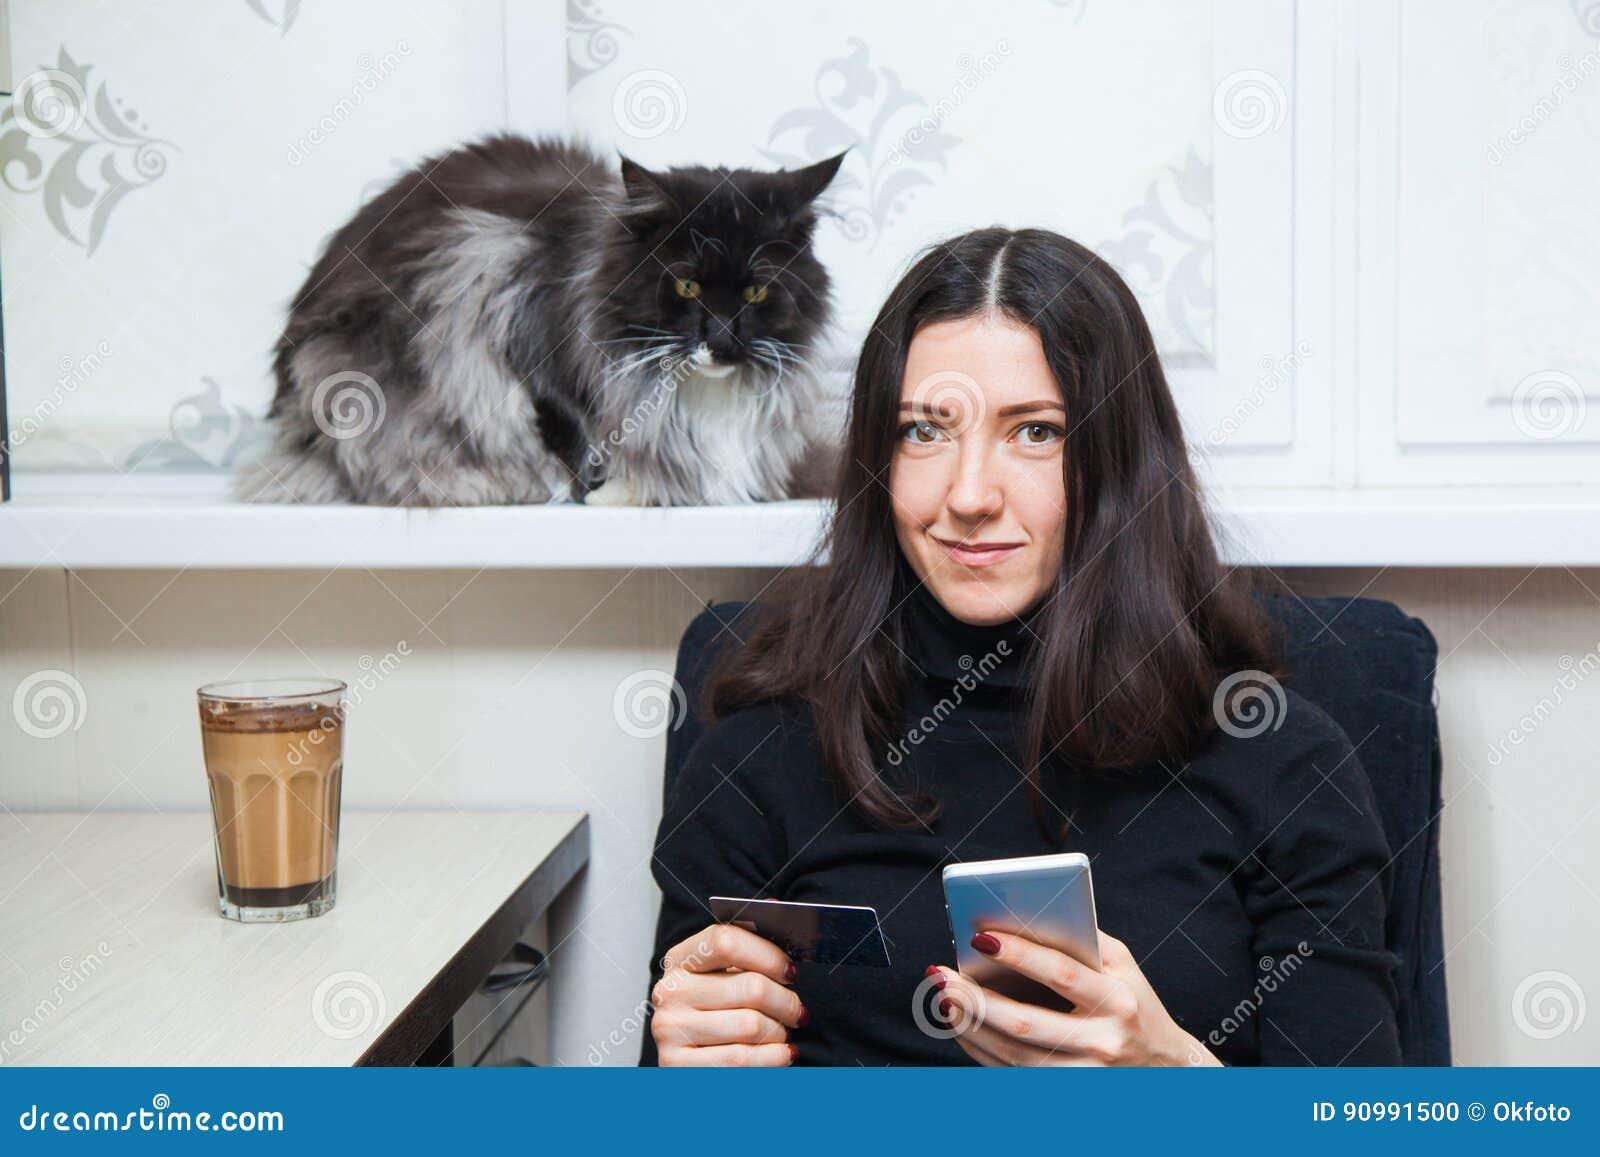 san francisco f7e21 c0201 Junge Frau Und Katze Kaufen Sachen Online Mit Kreditkarte ...